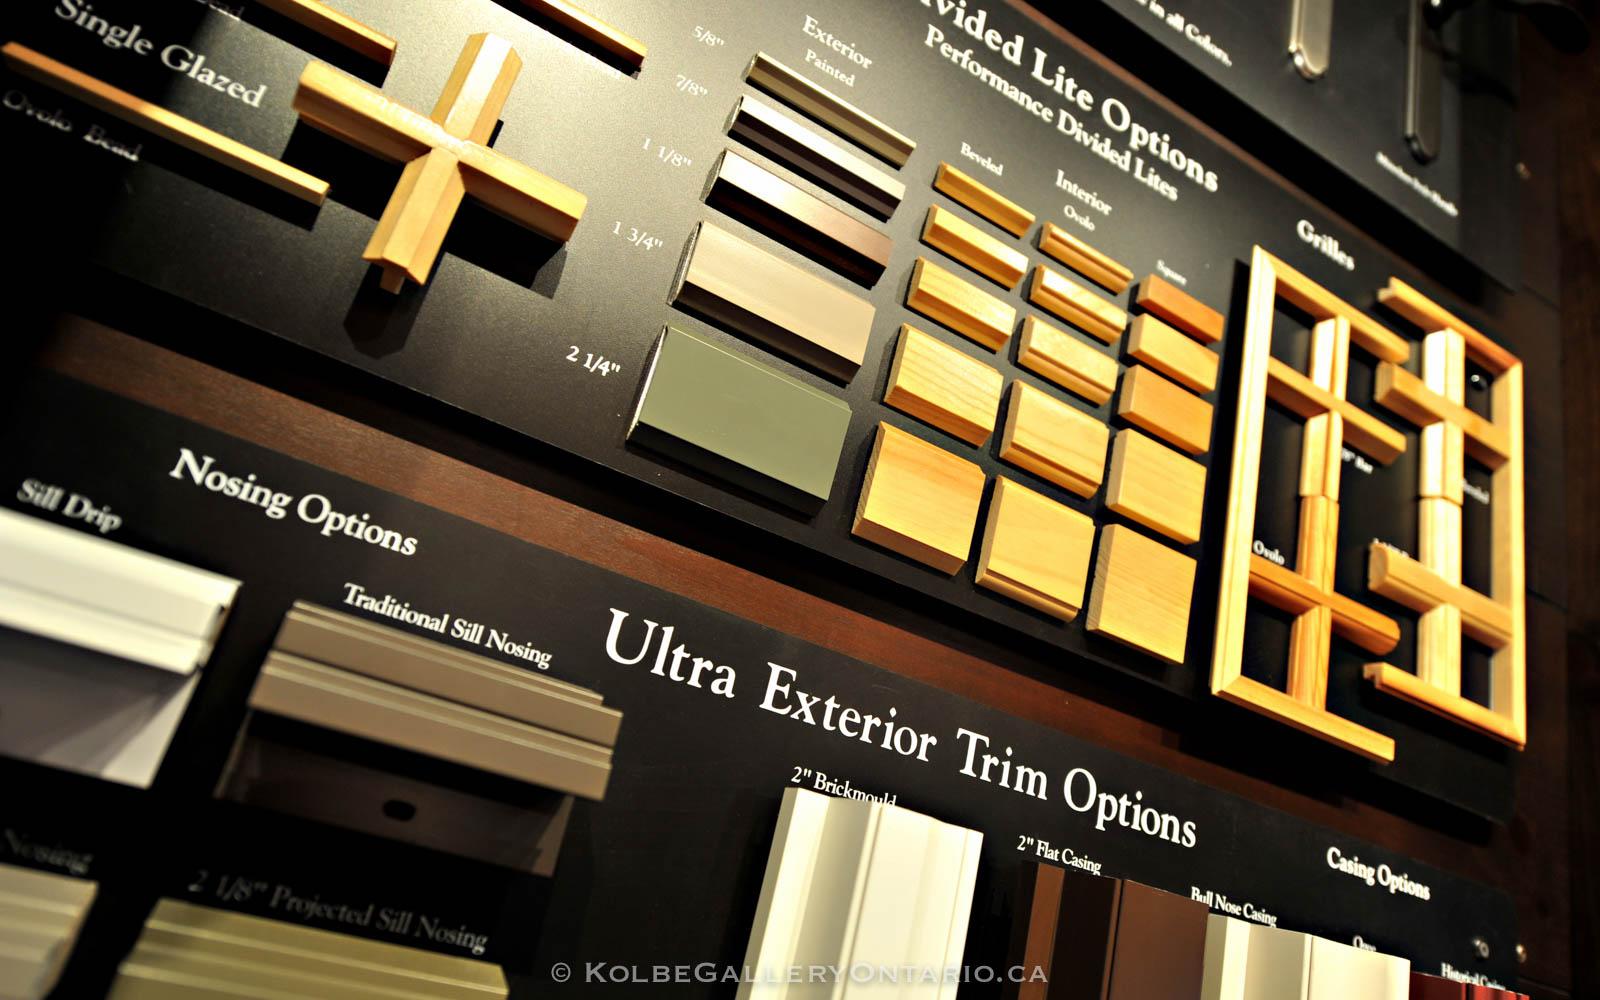 KolbeGalleryOntario.ca-windows-and-doors-Oakville-showroom-20120510-095603